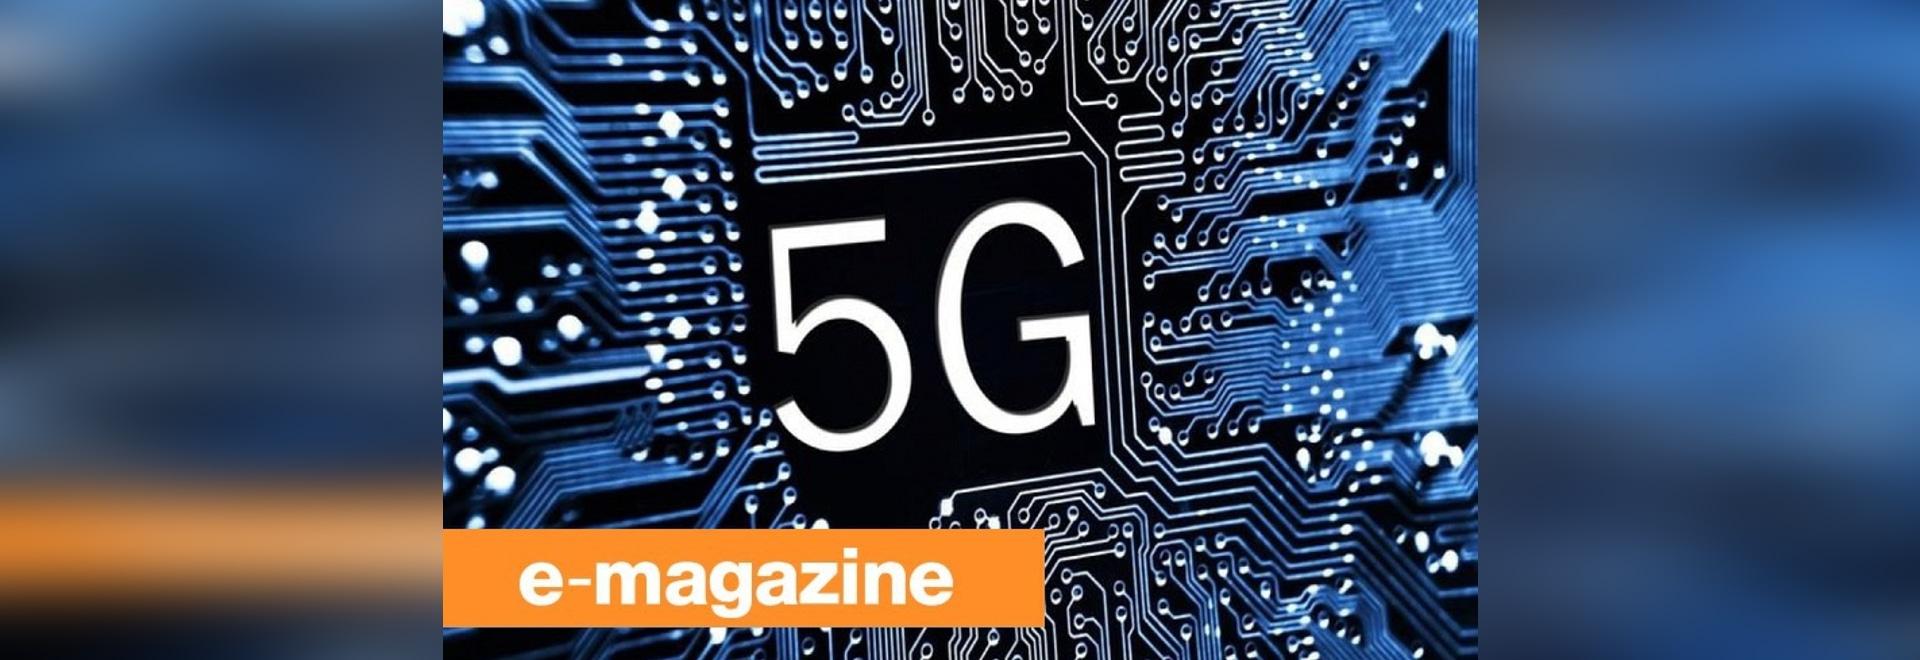 Der Standard 5G entfernt sich